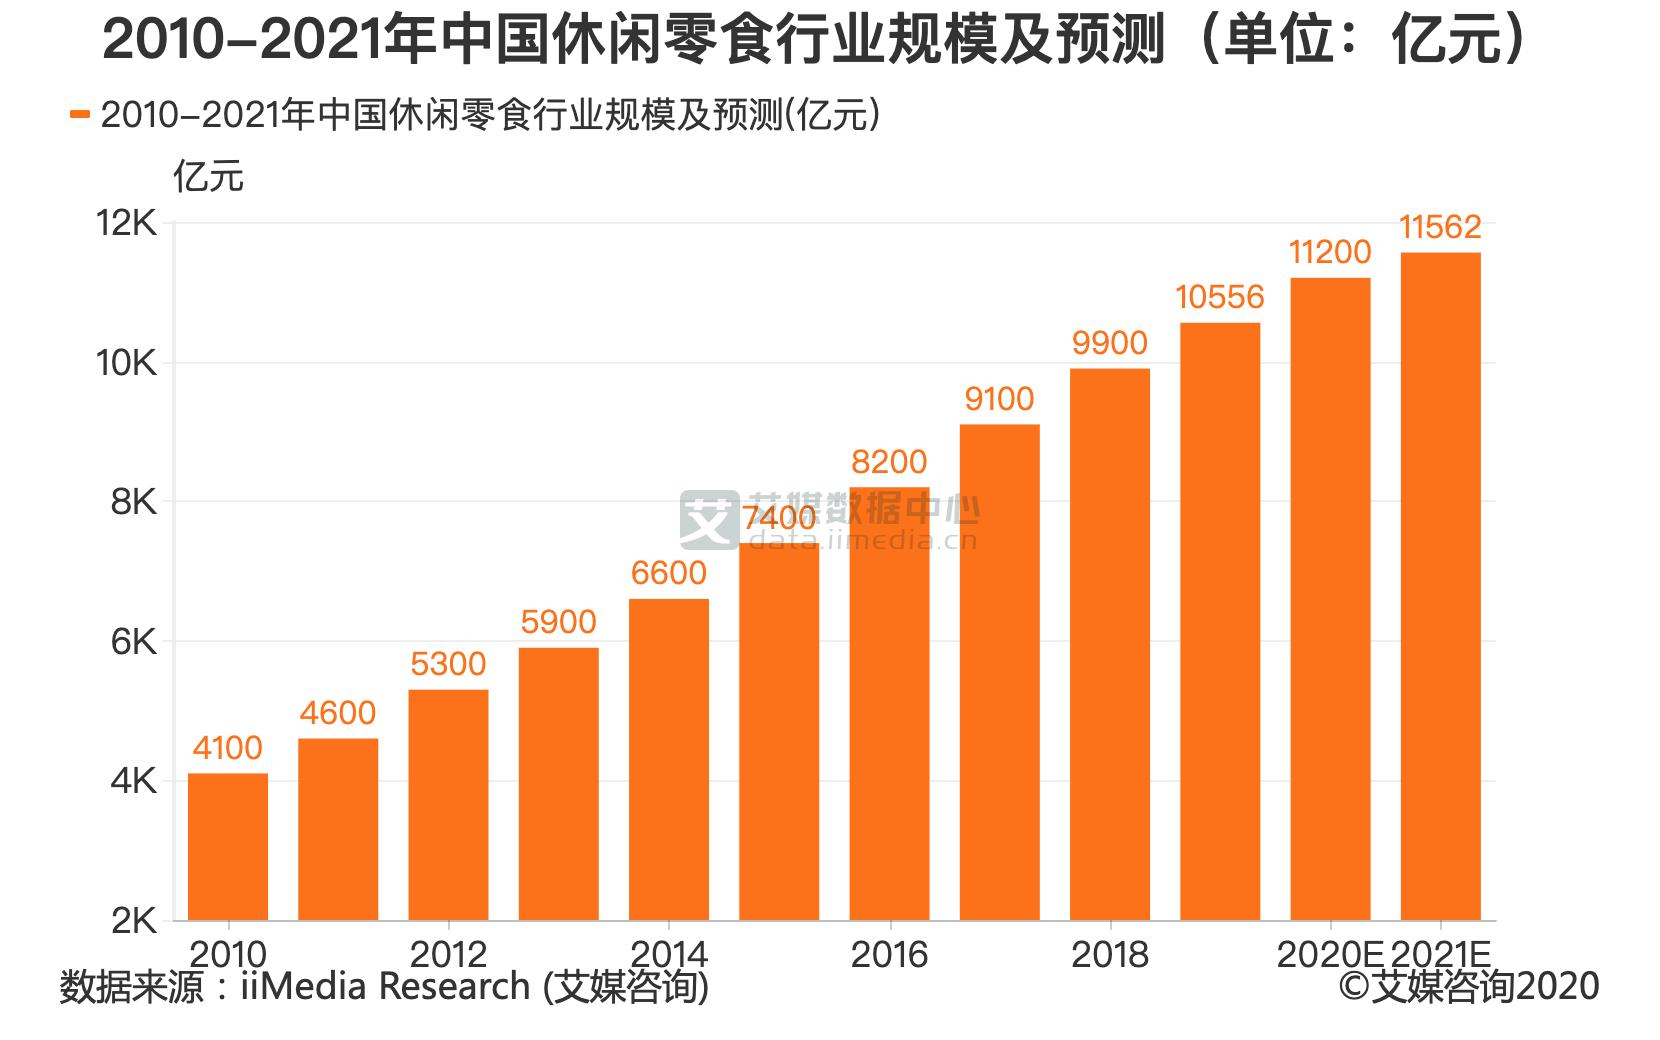 2010-2021年中国休闲零食行业规模及预测(单位:亿元)